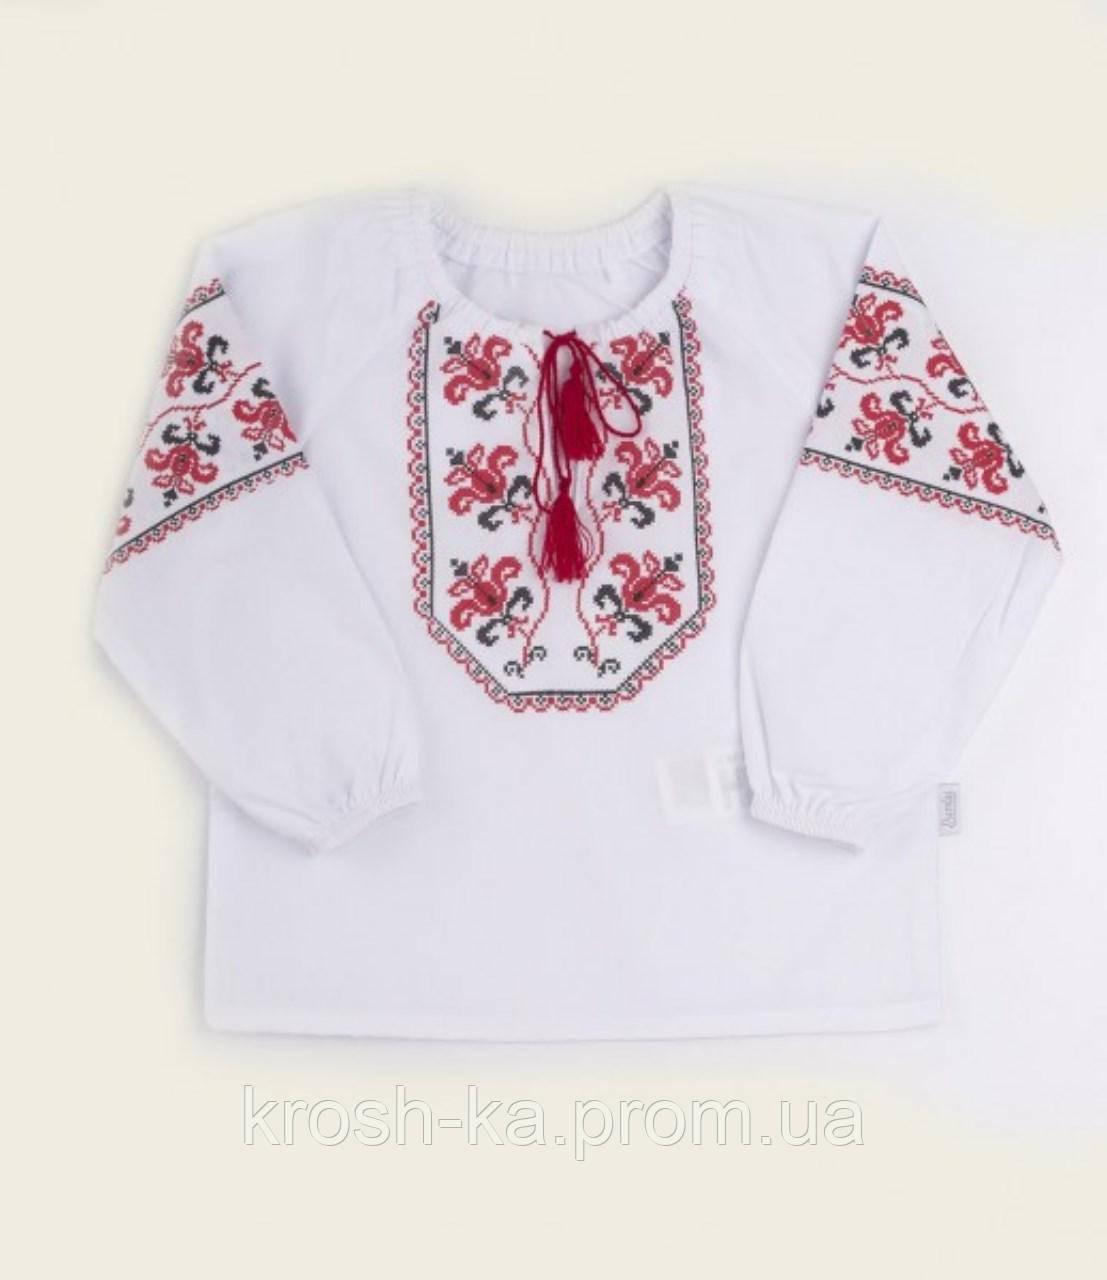 Сорочка Вишиванка для дівчинки (Bembi)Бембі Україна біла РБ100